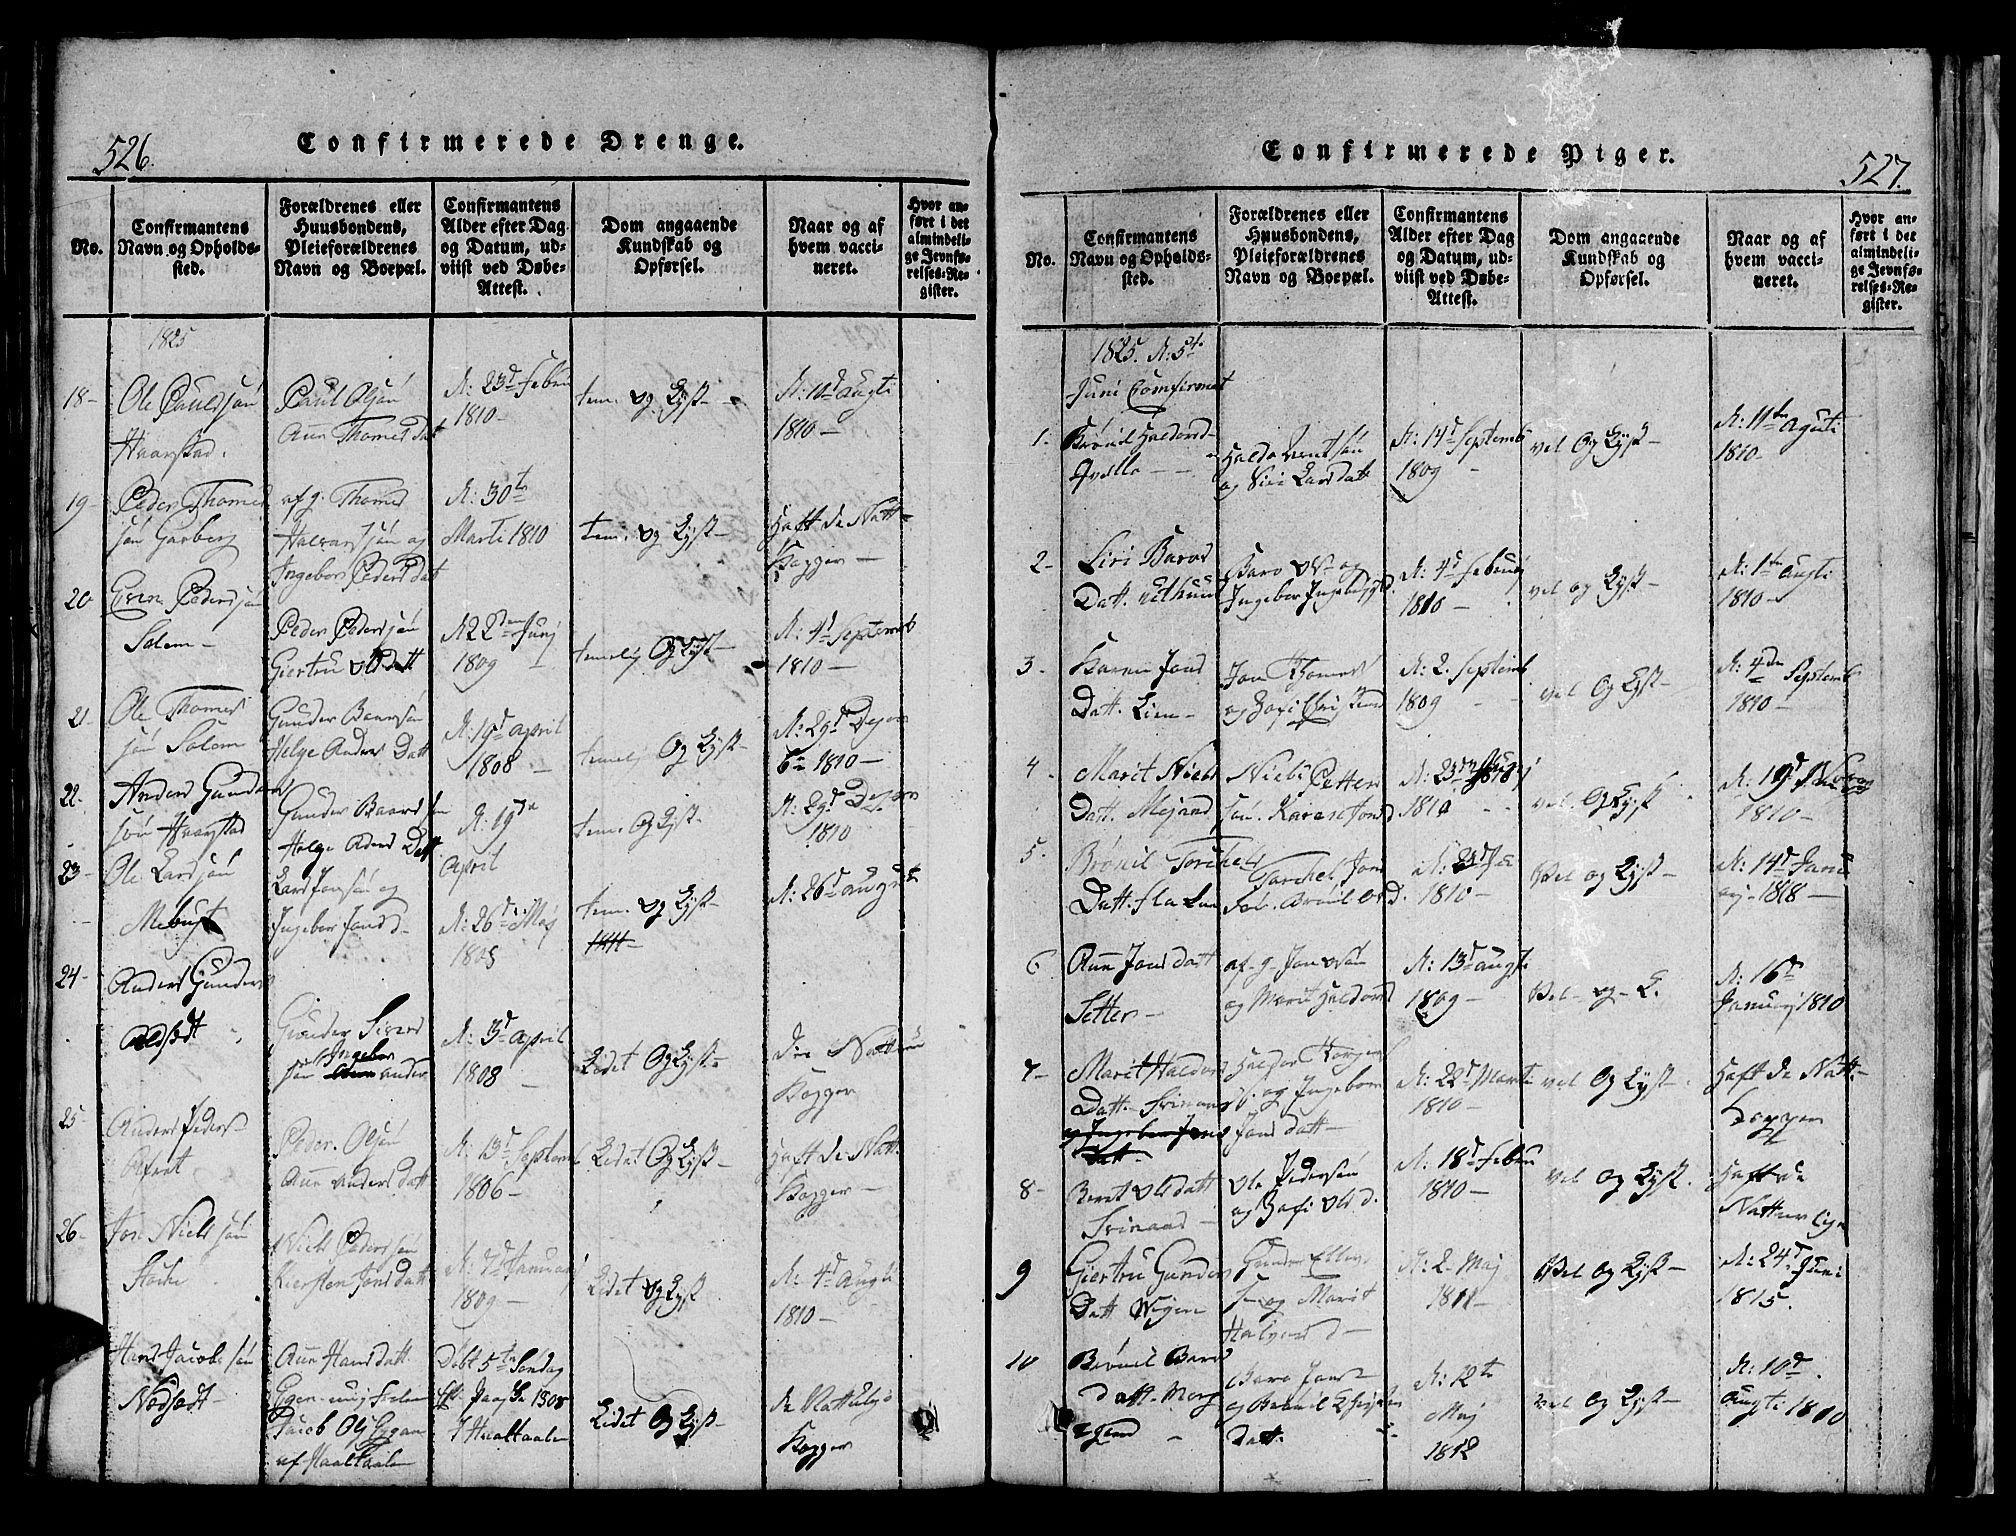 SAT, Ministerialprotokoller, klokkerbøker og fødselsregistre - Sør-Trøndelag, 695/L1152: Klokkerbok nr. 695C03, 1816-1831, s. 526-527